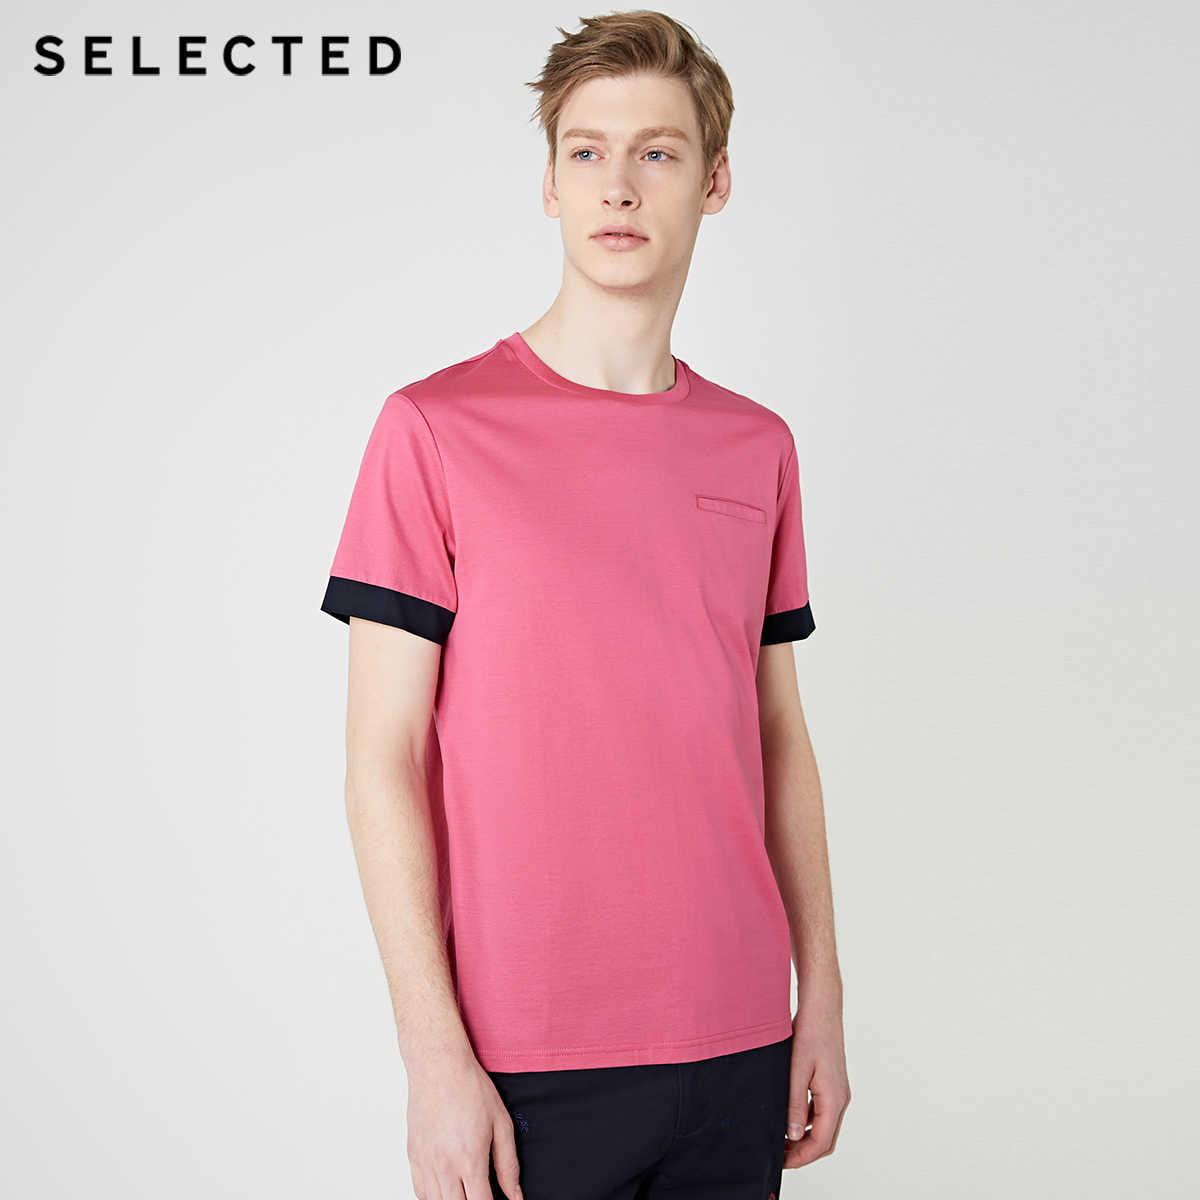 選択メンズ夏の綿 100% ラウンドネック半袖 Tシャツ S   419201589